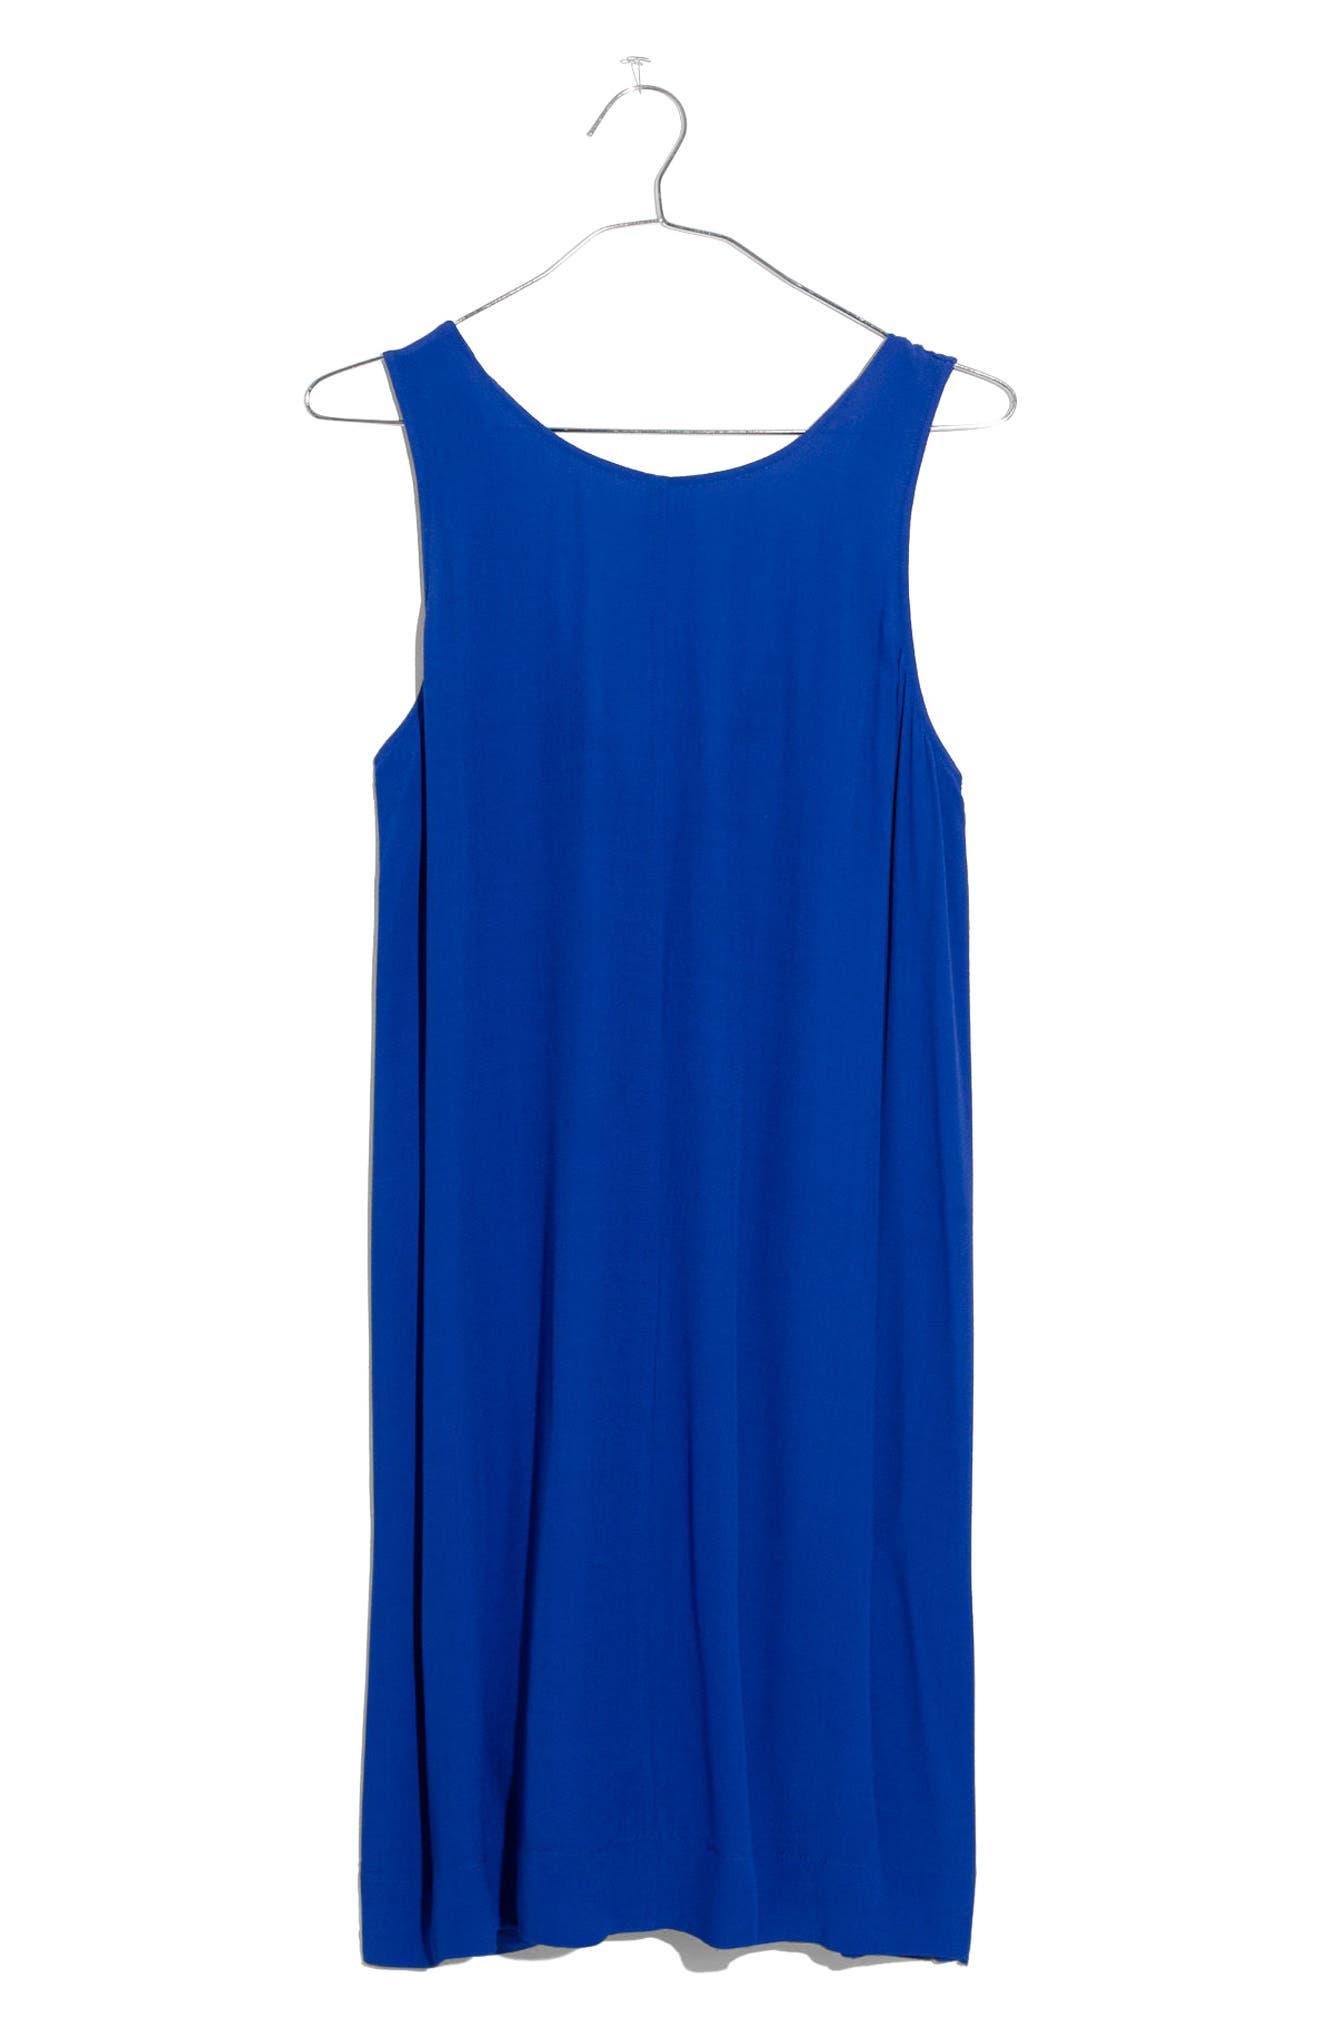 Lakeshore Button Back Dress,                             Alternate thumbnail 3, color,                             Brilliant Royal